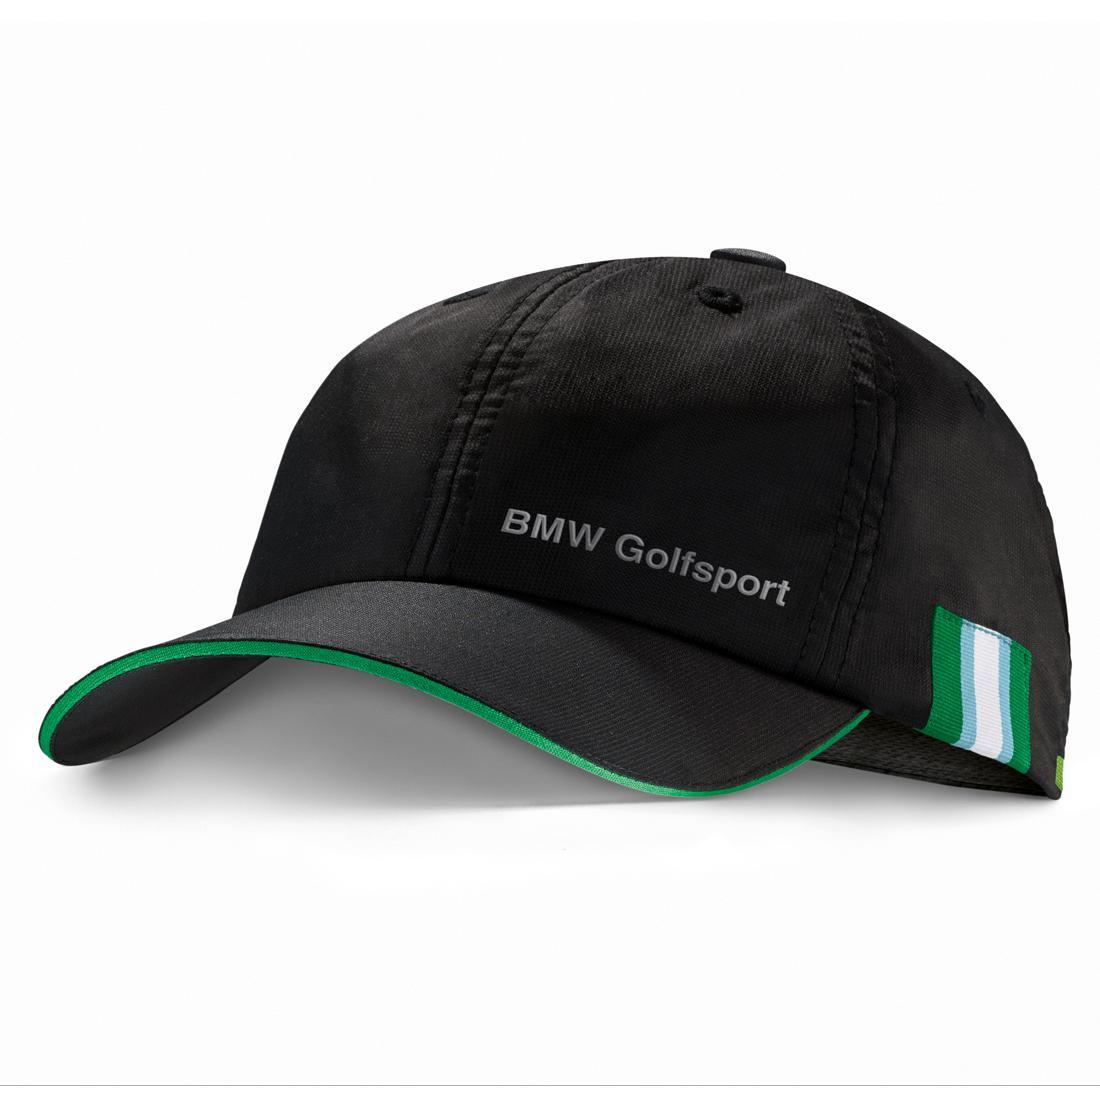 BMW Golfsport Functional Cap